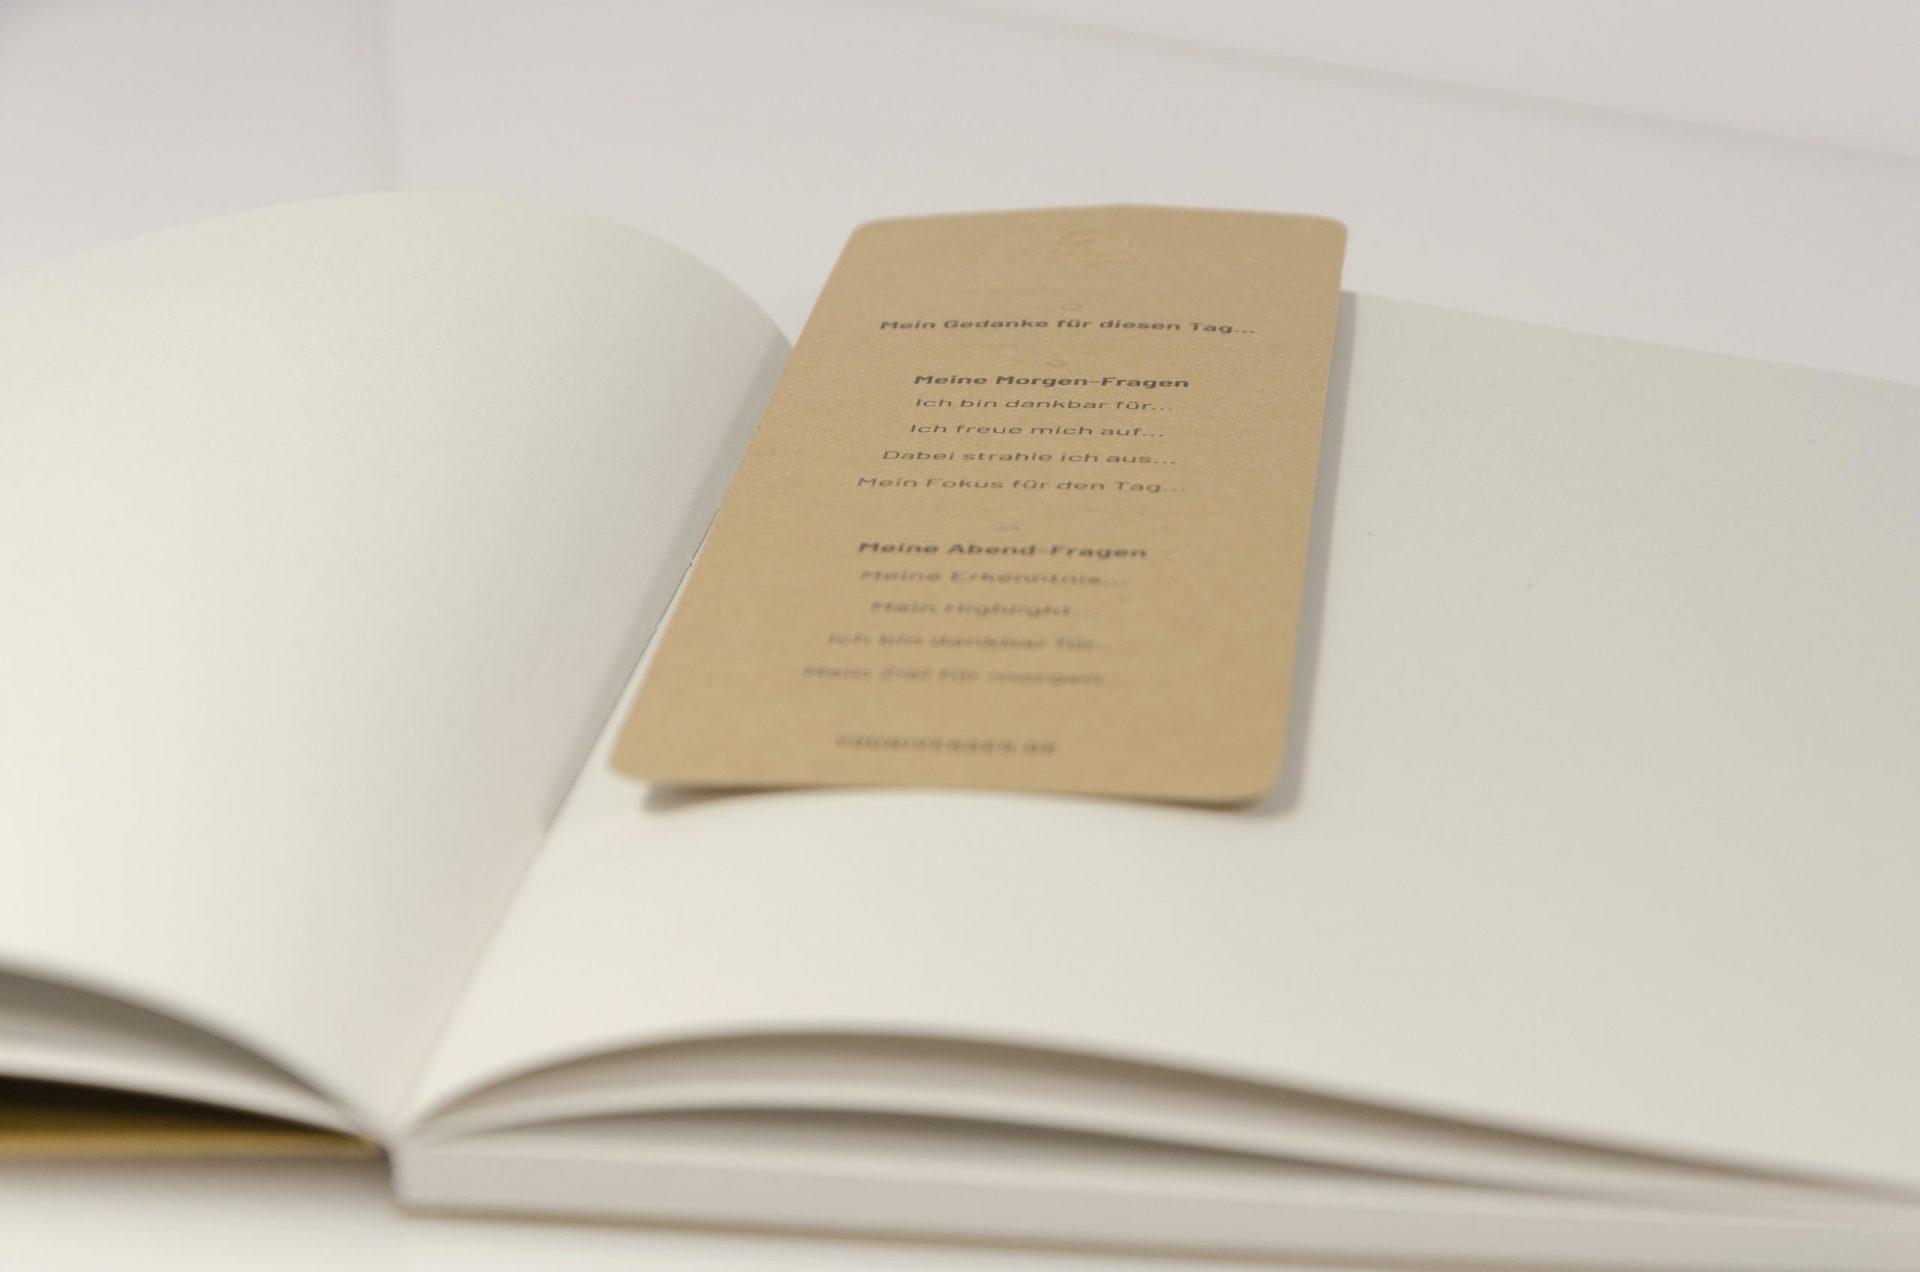 Journal, Journaling-Lesezeichen, Yournaling-Lesezeichen, Journaling-Tool, Set mit Yournal: • DIN A5 Yournal • Material: Birkenholz • Eine Intentions für den Tag • Acht Dankbarkeits-Fragen • Maße 7,4 x 17 cm